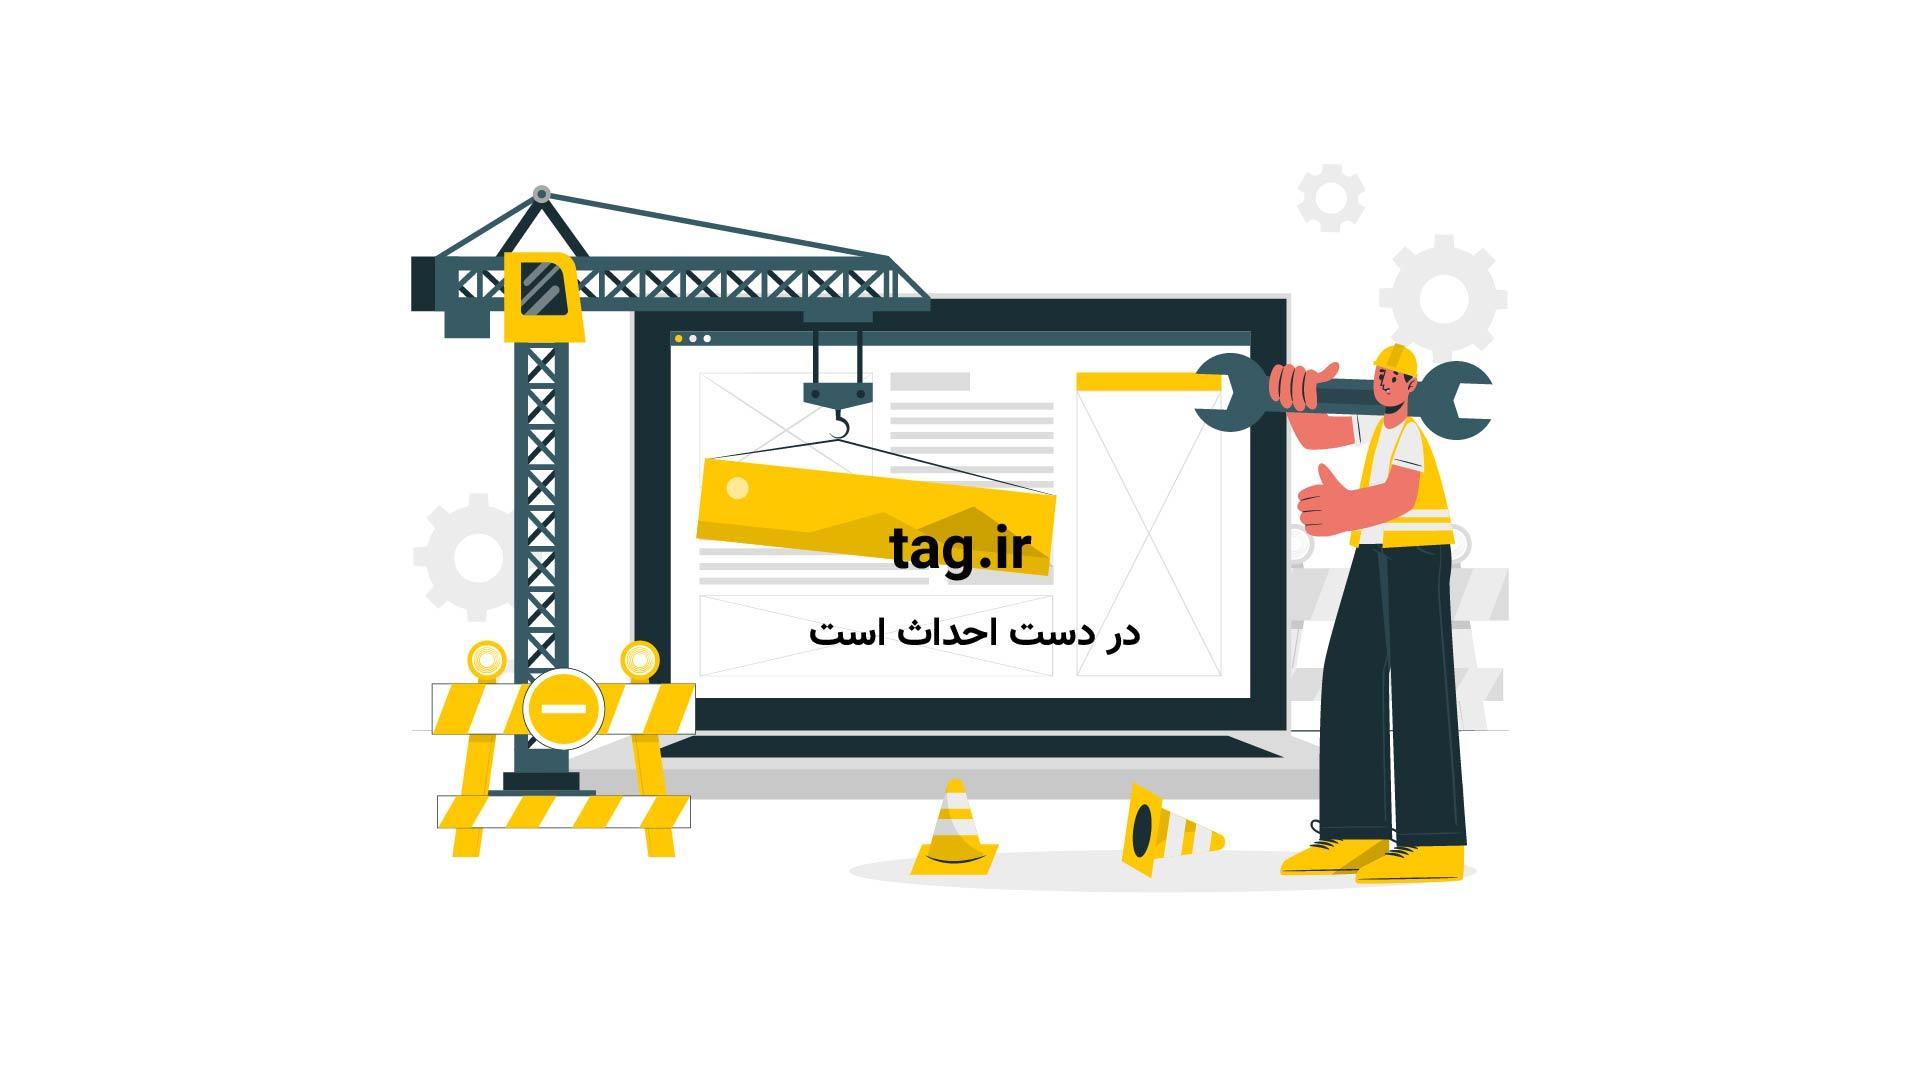 قلاده ای برای تشخیص احساسات سگ | فیلم